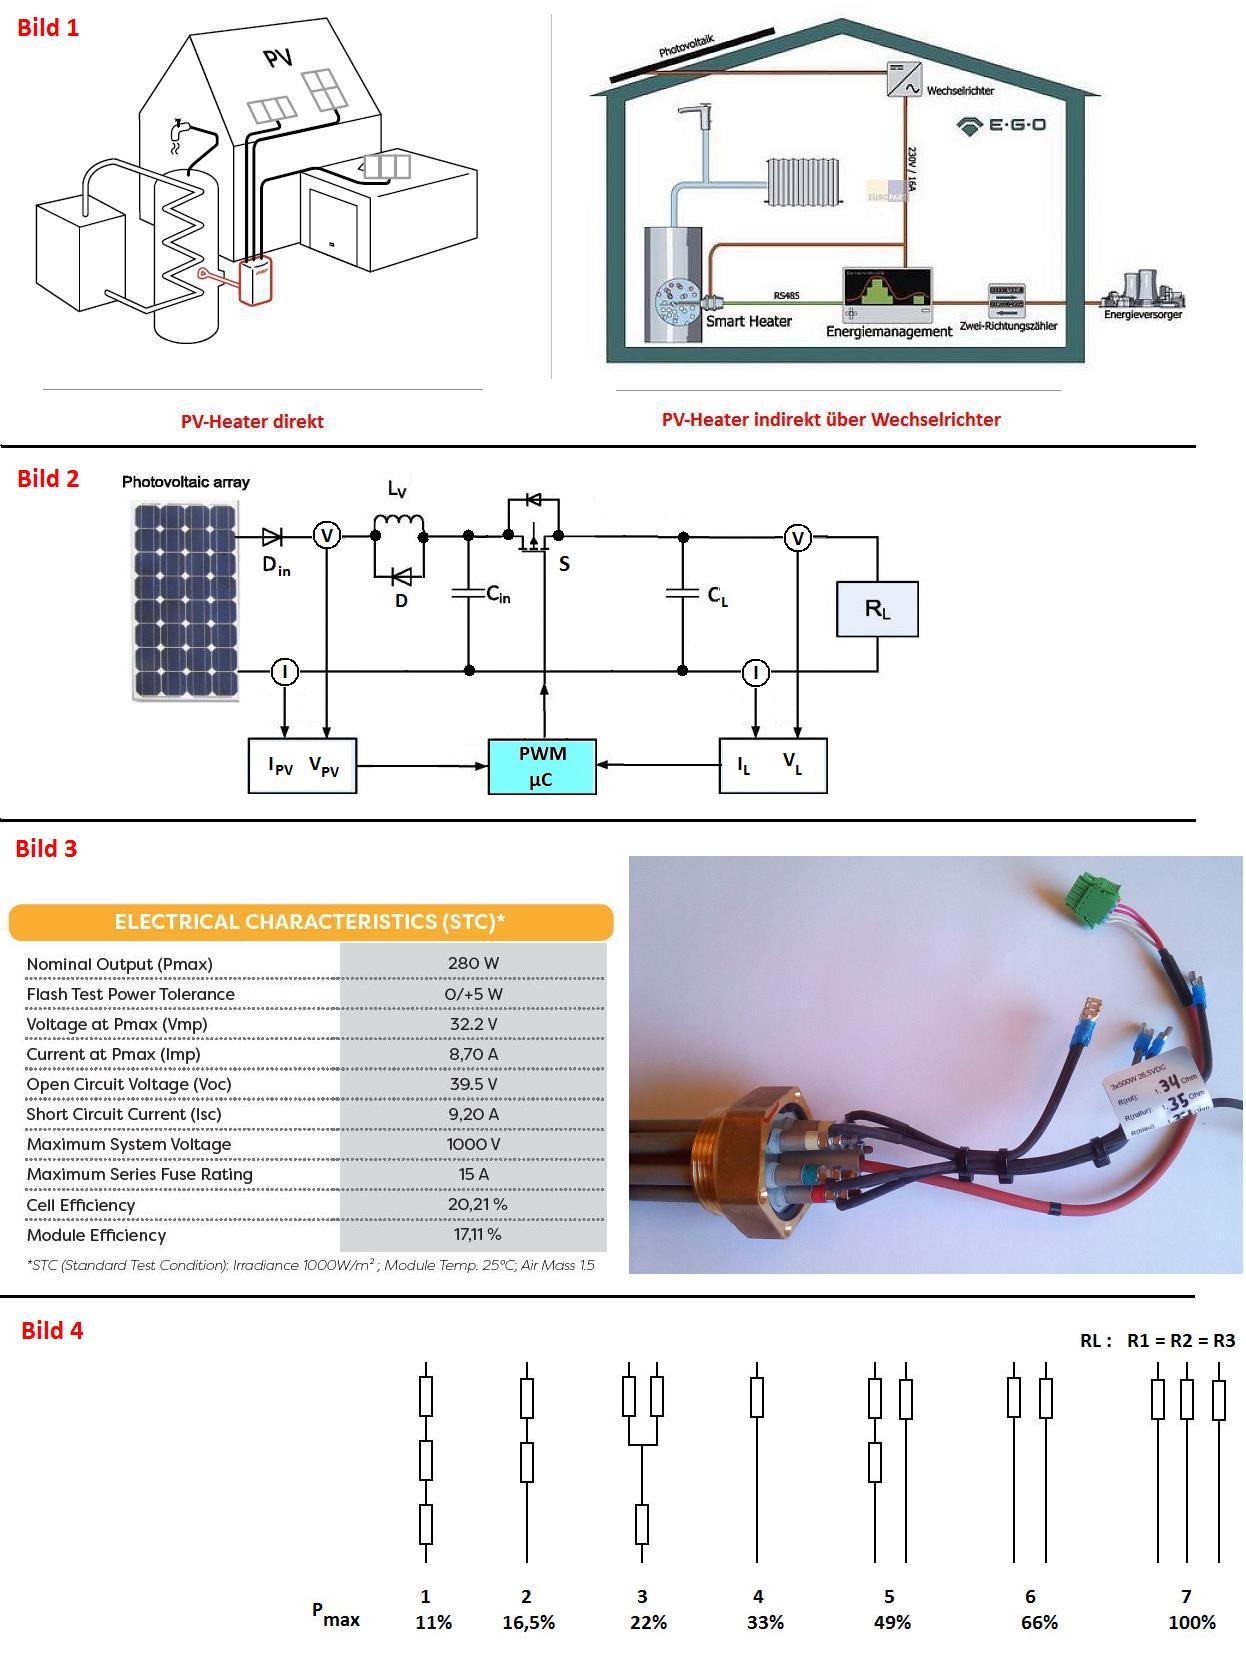 Ausgezeichnet Warmwasserboiler System Diagramm Bilder - Elektrische ...